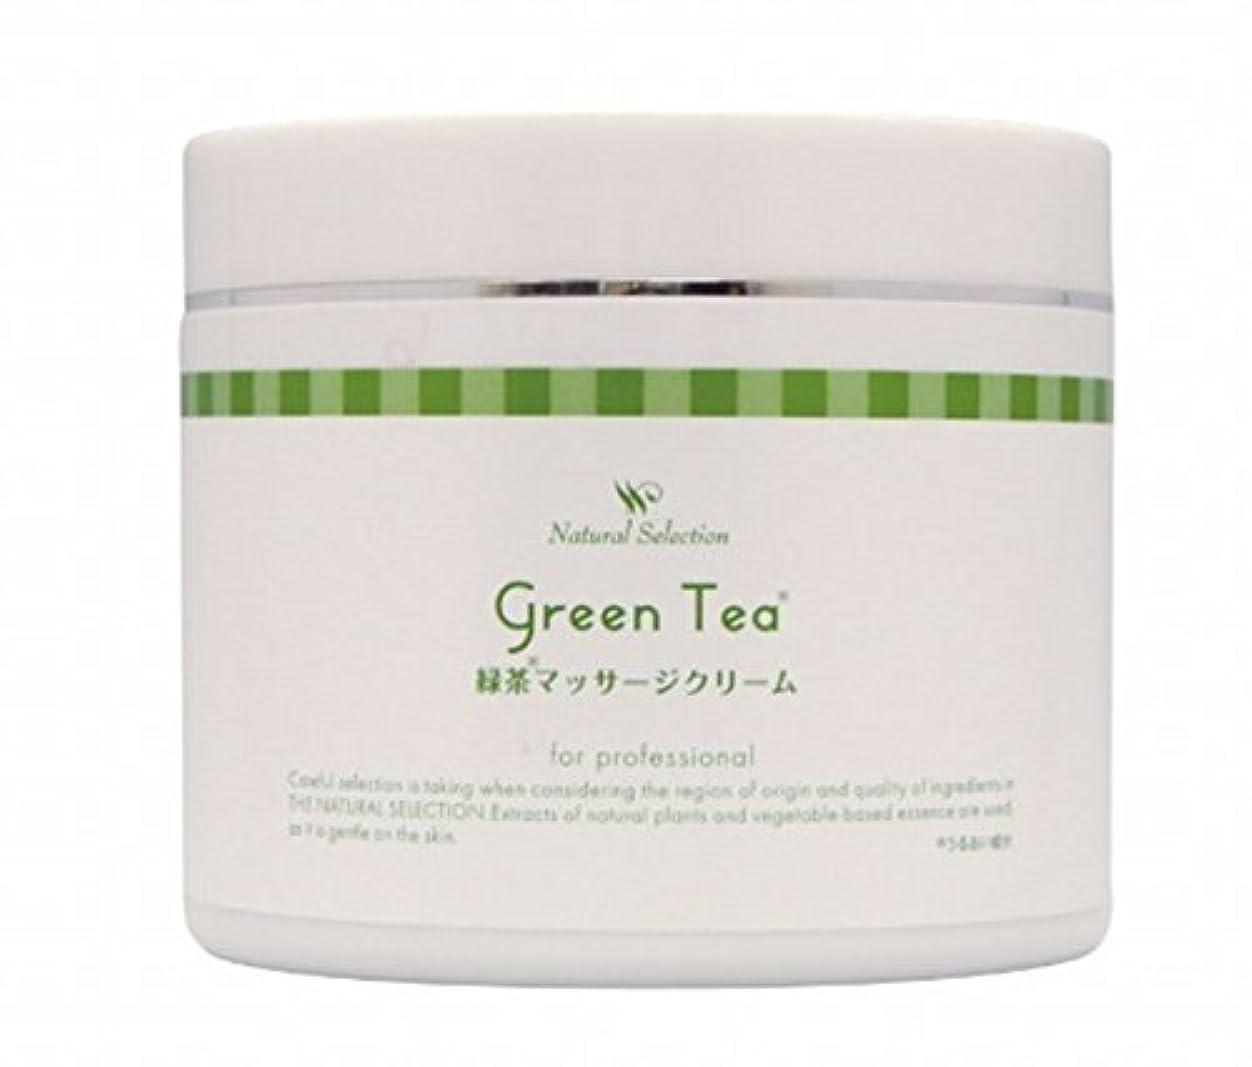 九時四十五分ペニー陰気緑茶マッサージクリーム(450g)【フットマッサージ】足もみクリーム